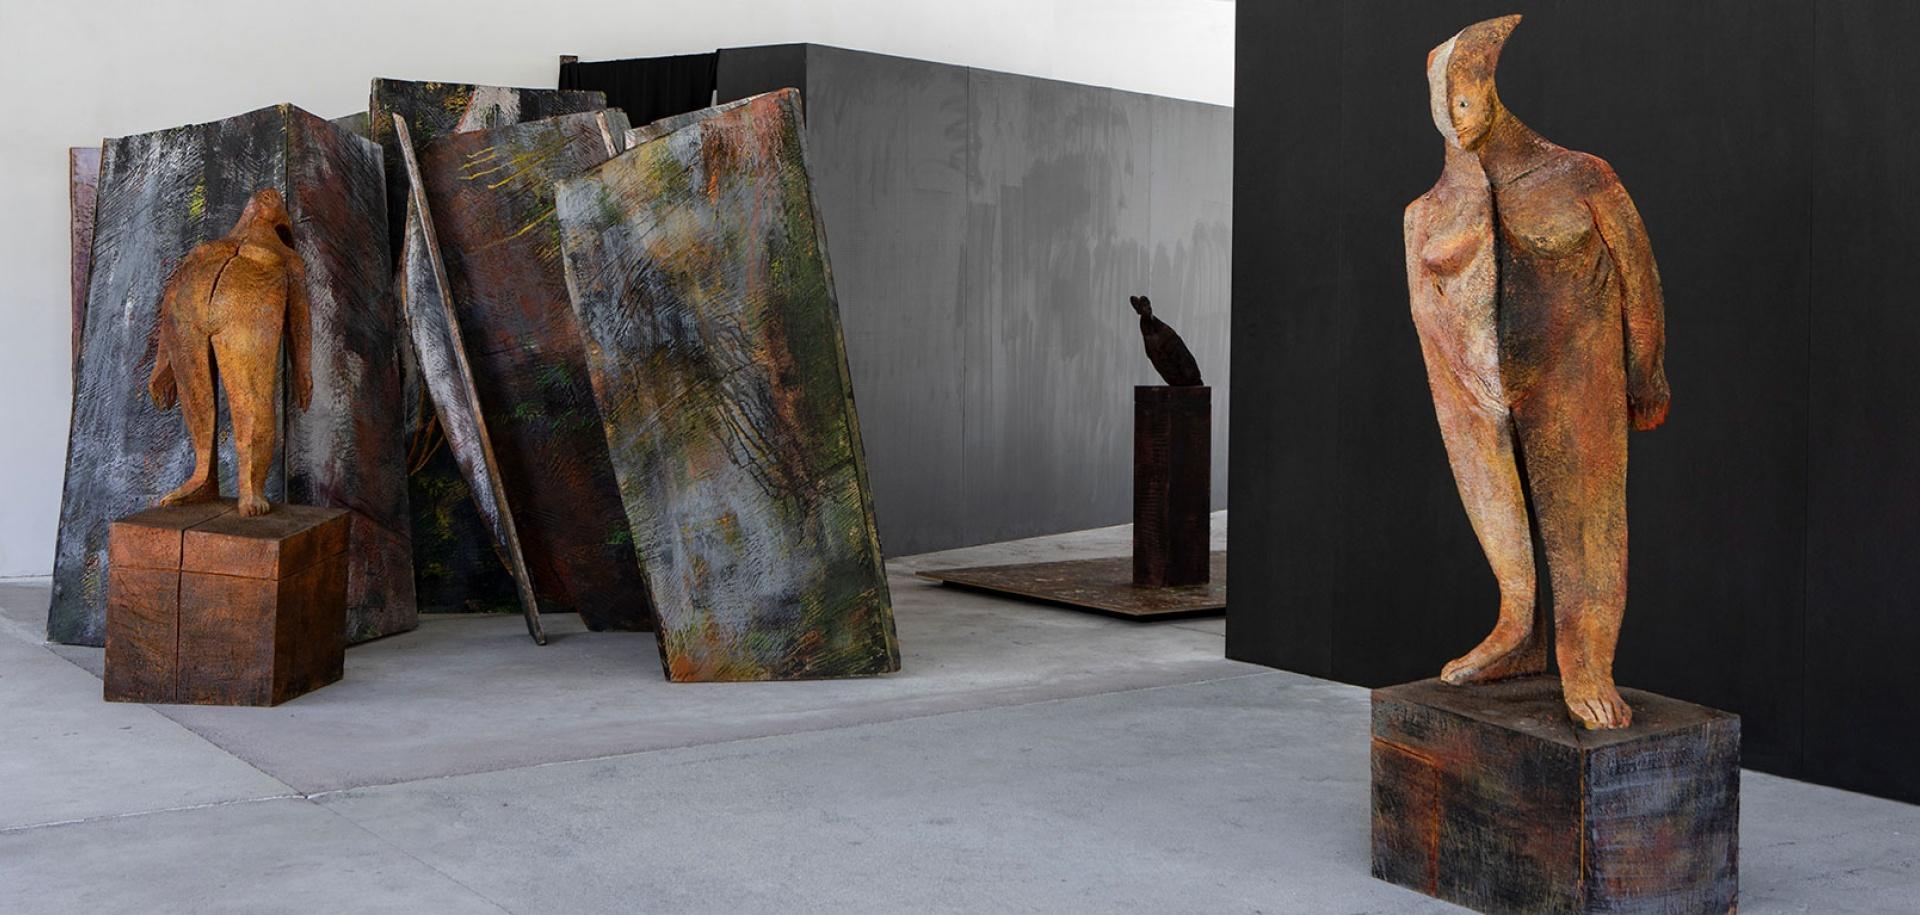 Foto di:  Filippo Simonetti - Wilhelm Senoner - Artista, scultore e pittore a Ortisei in Val Gardena - Alto Adige - Italia